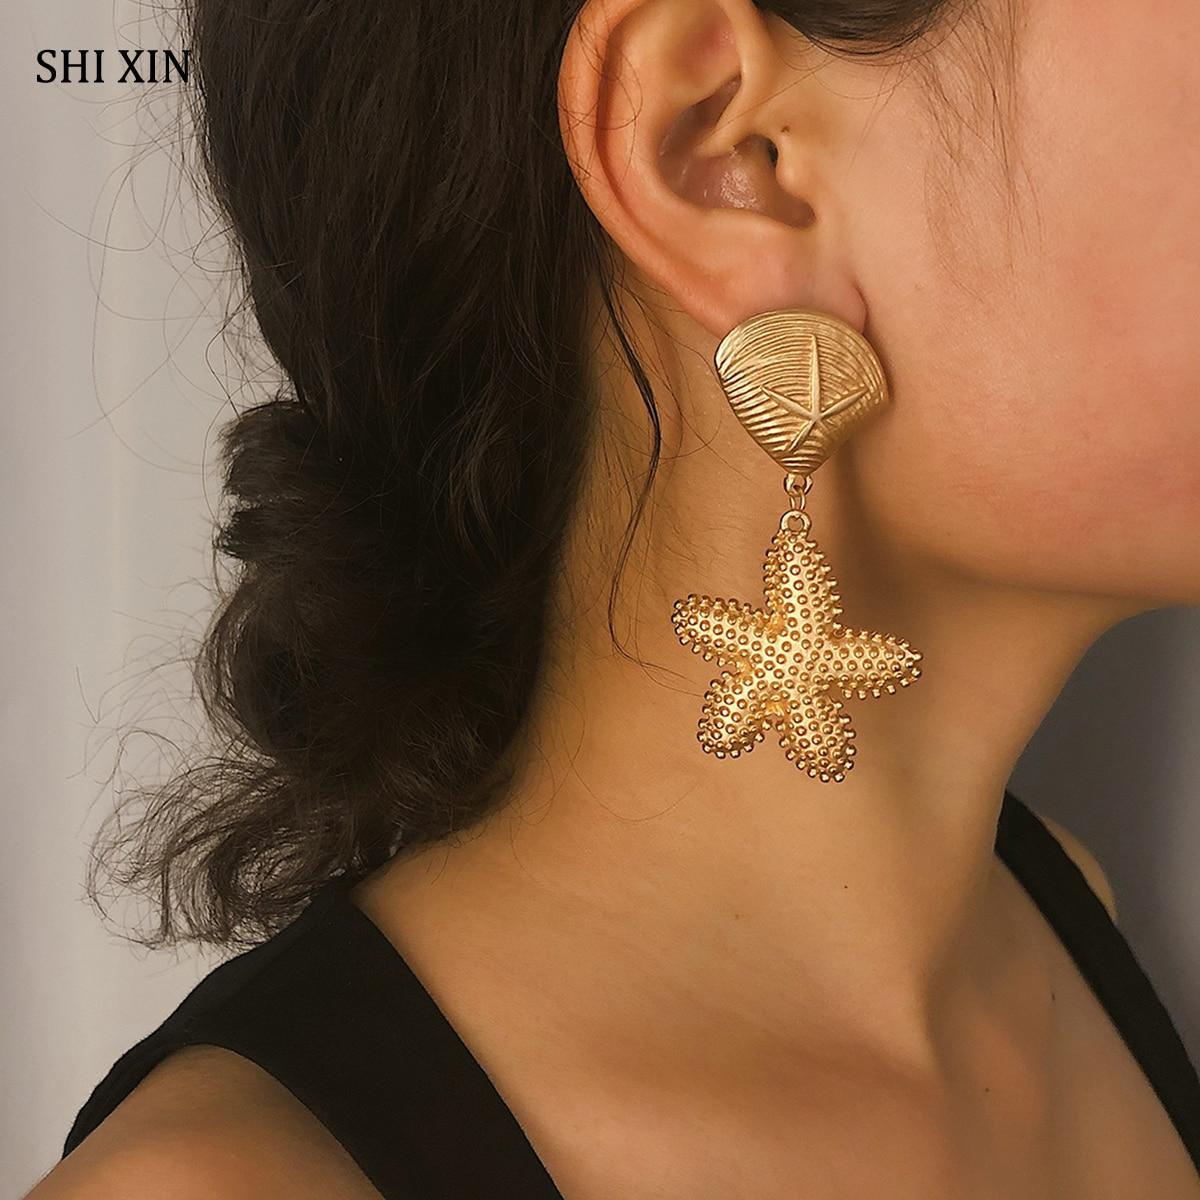 SHIXIN 2019 Koreanische Mode Gold Farbe Starfish Ohrringe Erklärung Sea Star Shell Ohrringe für Frauen Sommer Ohrringe Schmuck